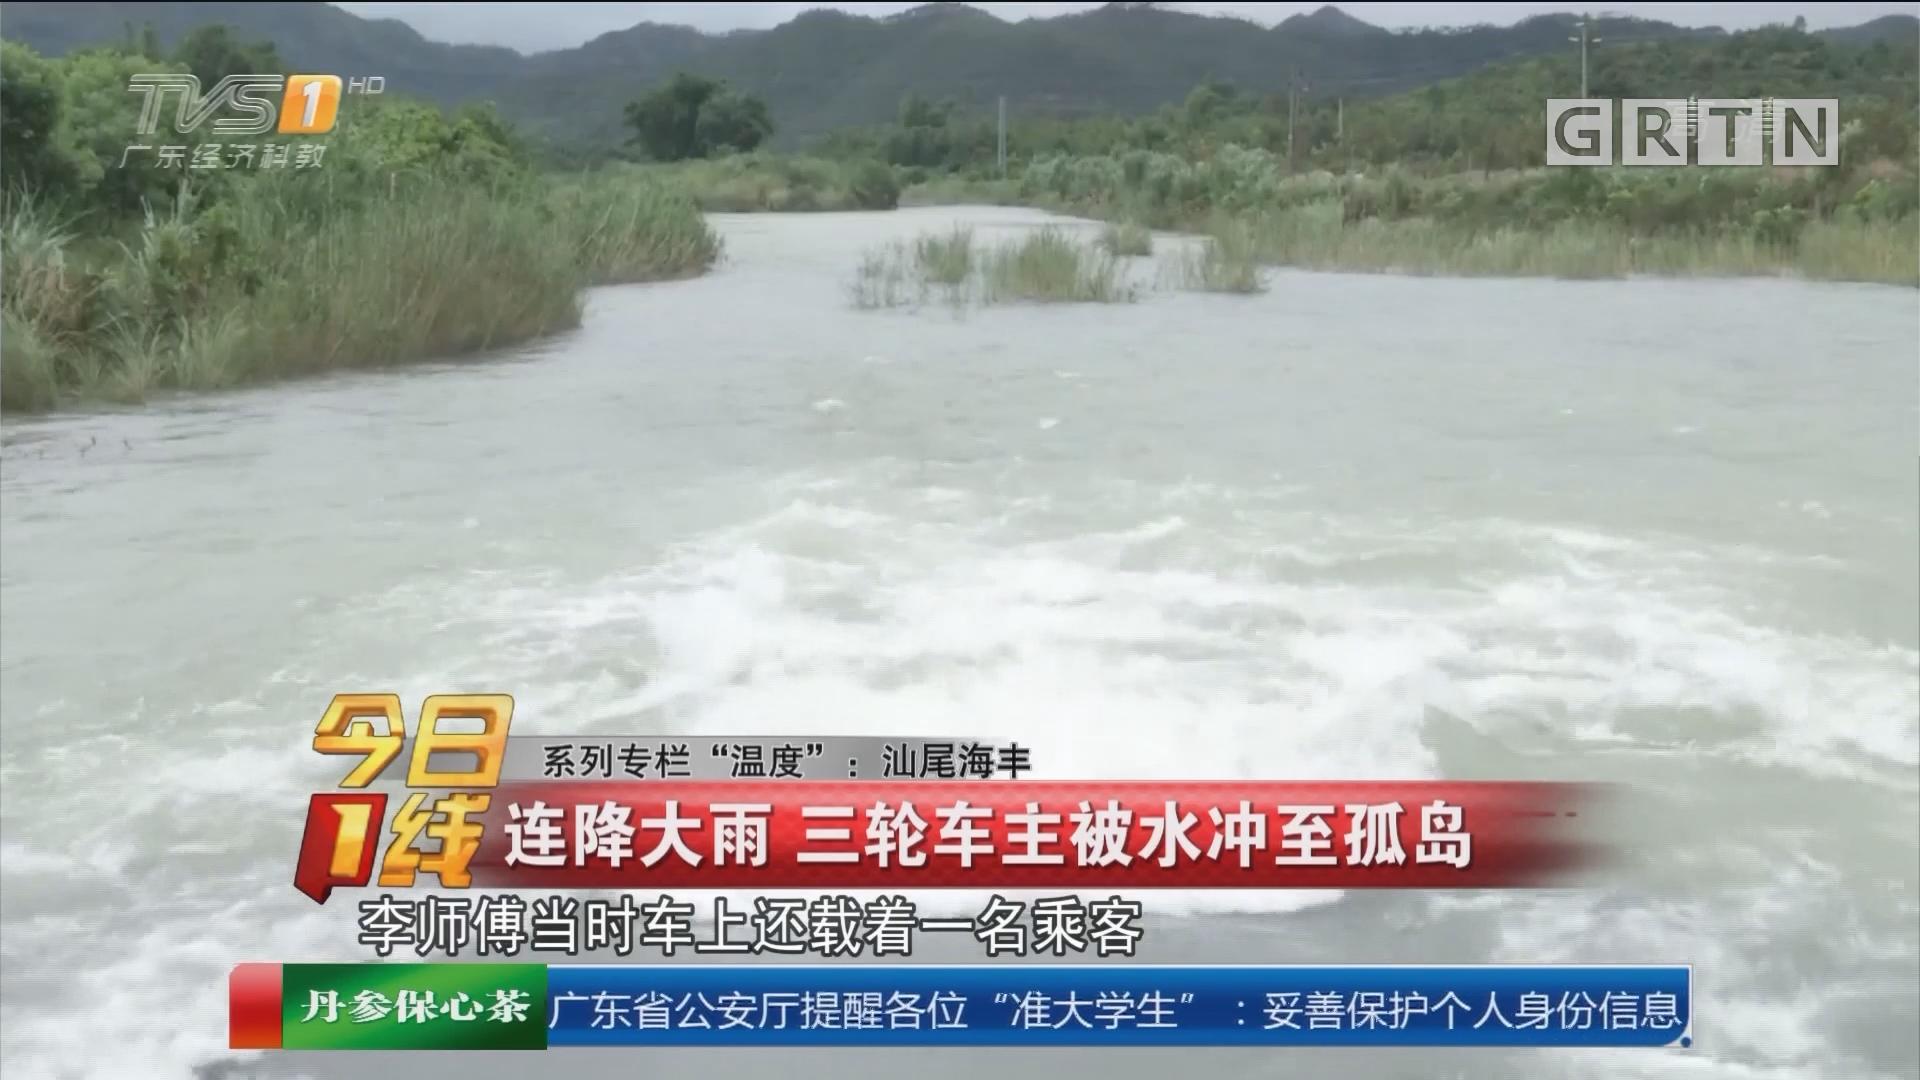 """系列专栏""""温度"""":汕尾海丰 连降大雨 三轮车主被水冲至孤岛"""